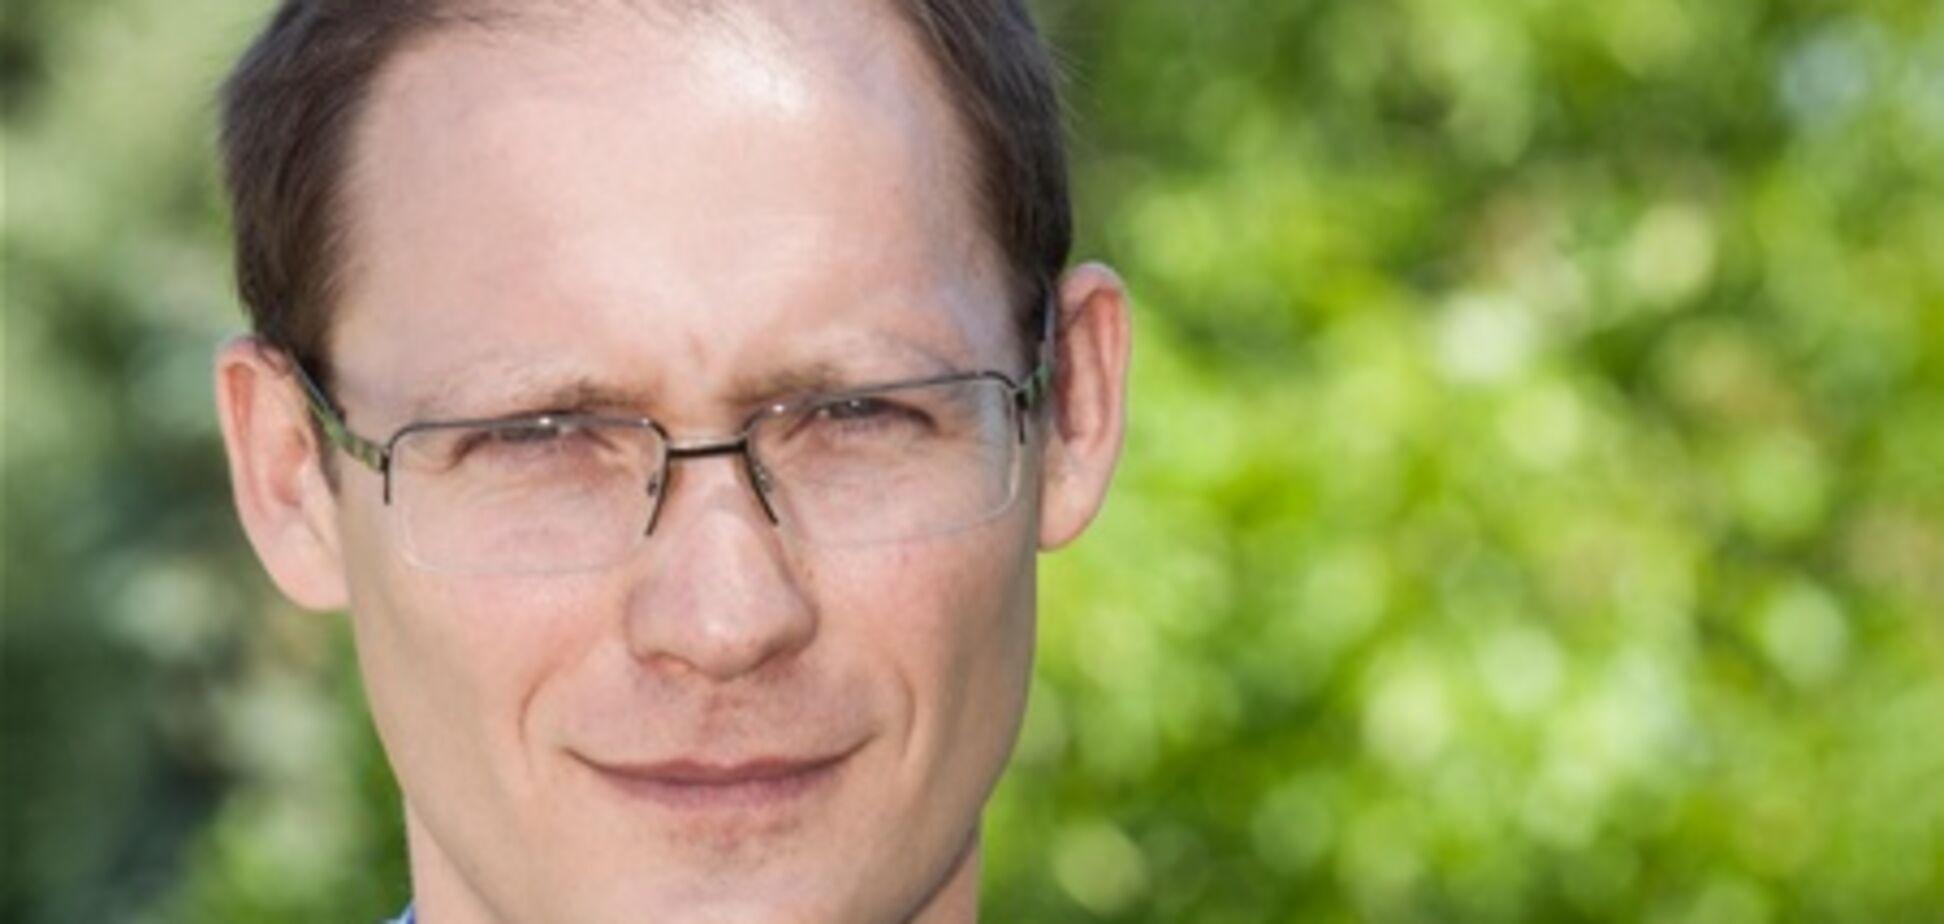 Избитого журналиста программы 'Гроші' выписали из больницы, но пока оставили на больничном